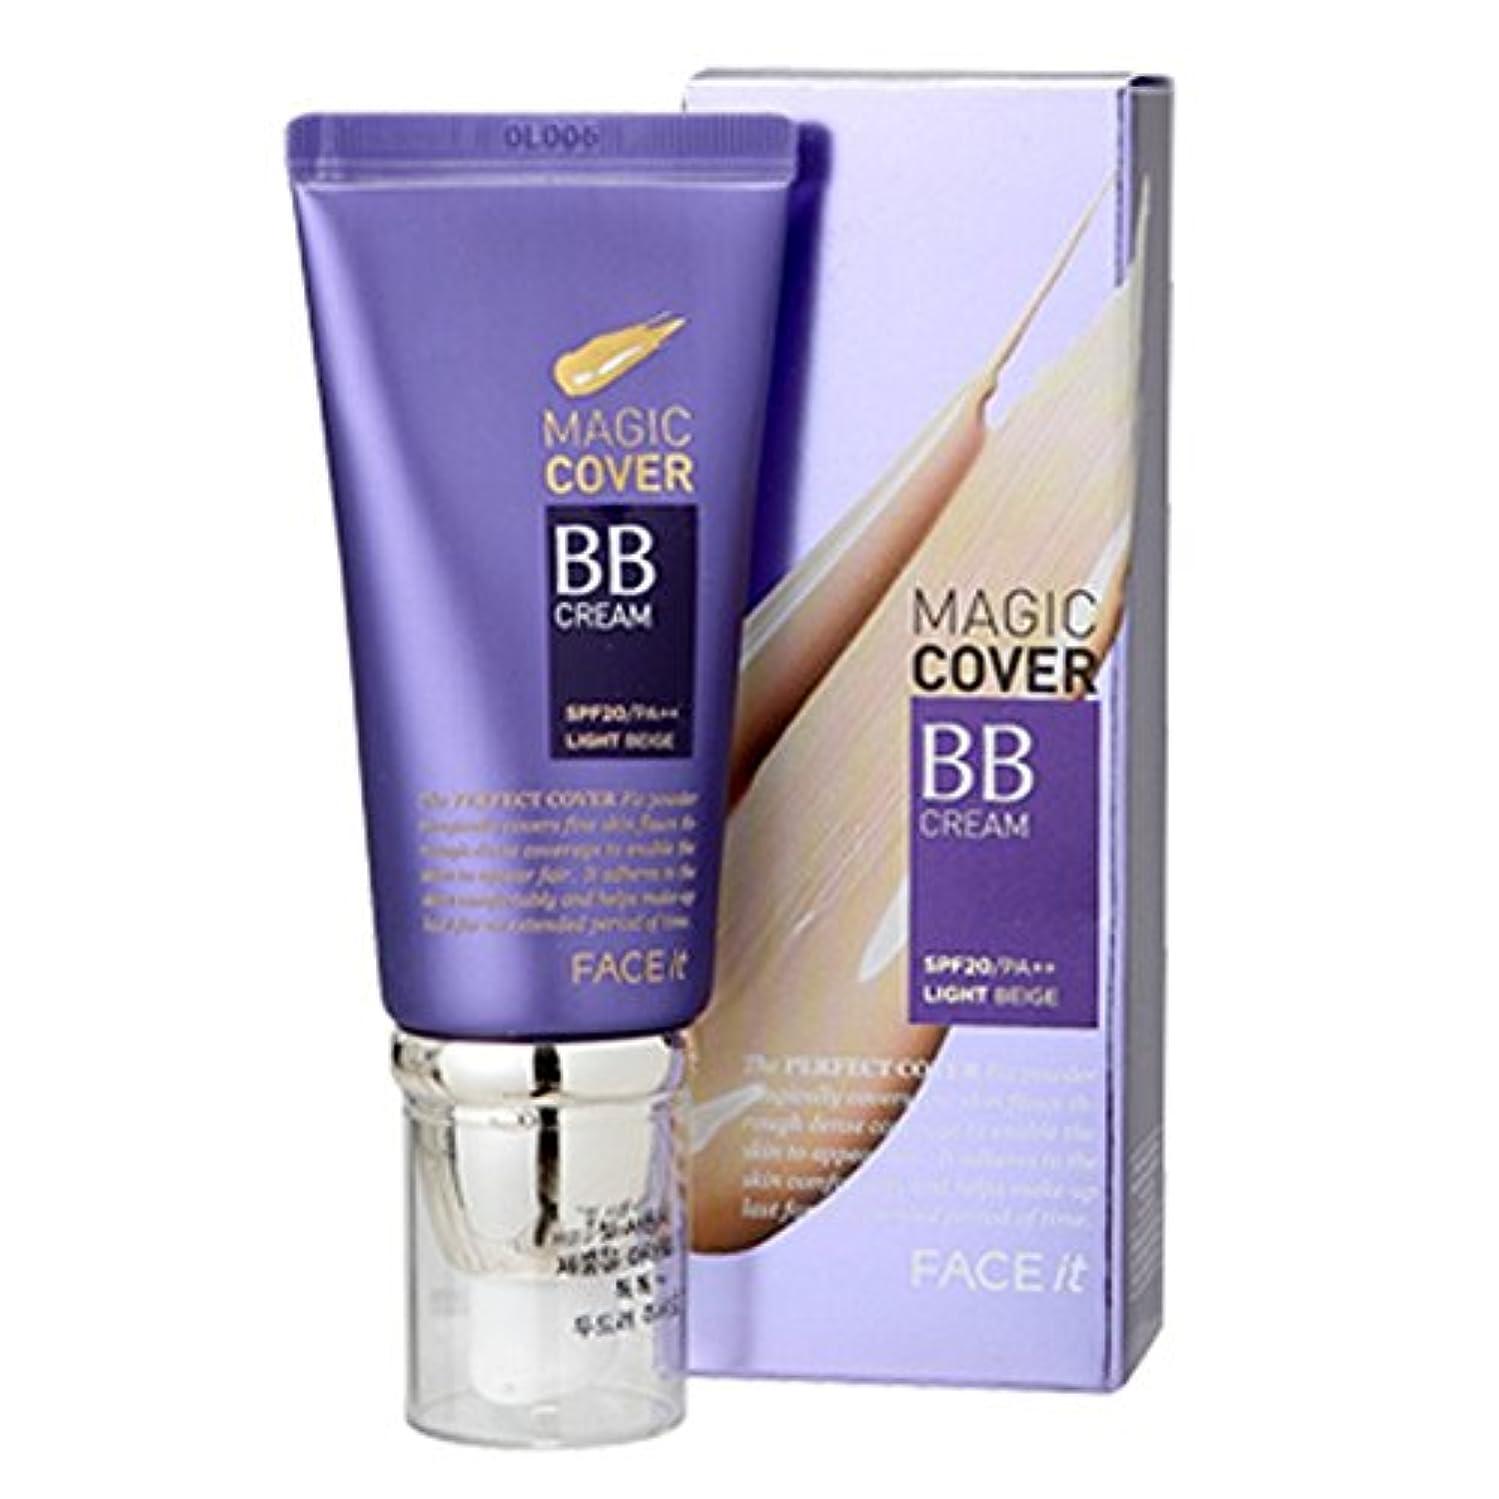 ザフェイスショップ The Face Shop Face It Magic Cover BB Cream 45ml (01 Light Beige)